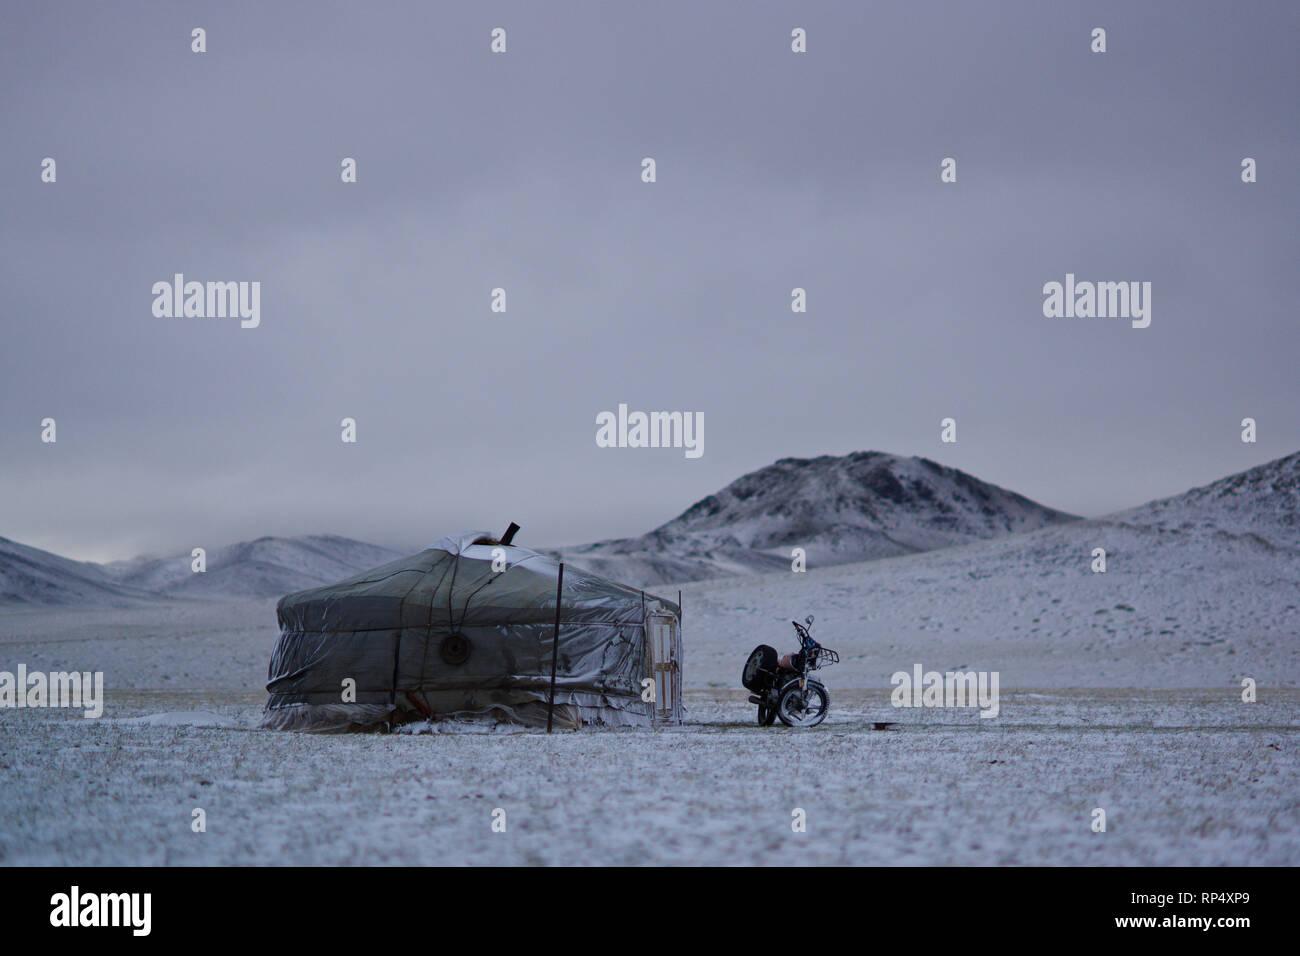 Ger camp in the snow, Gobi desert, Mongolia - Stock Image